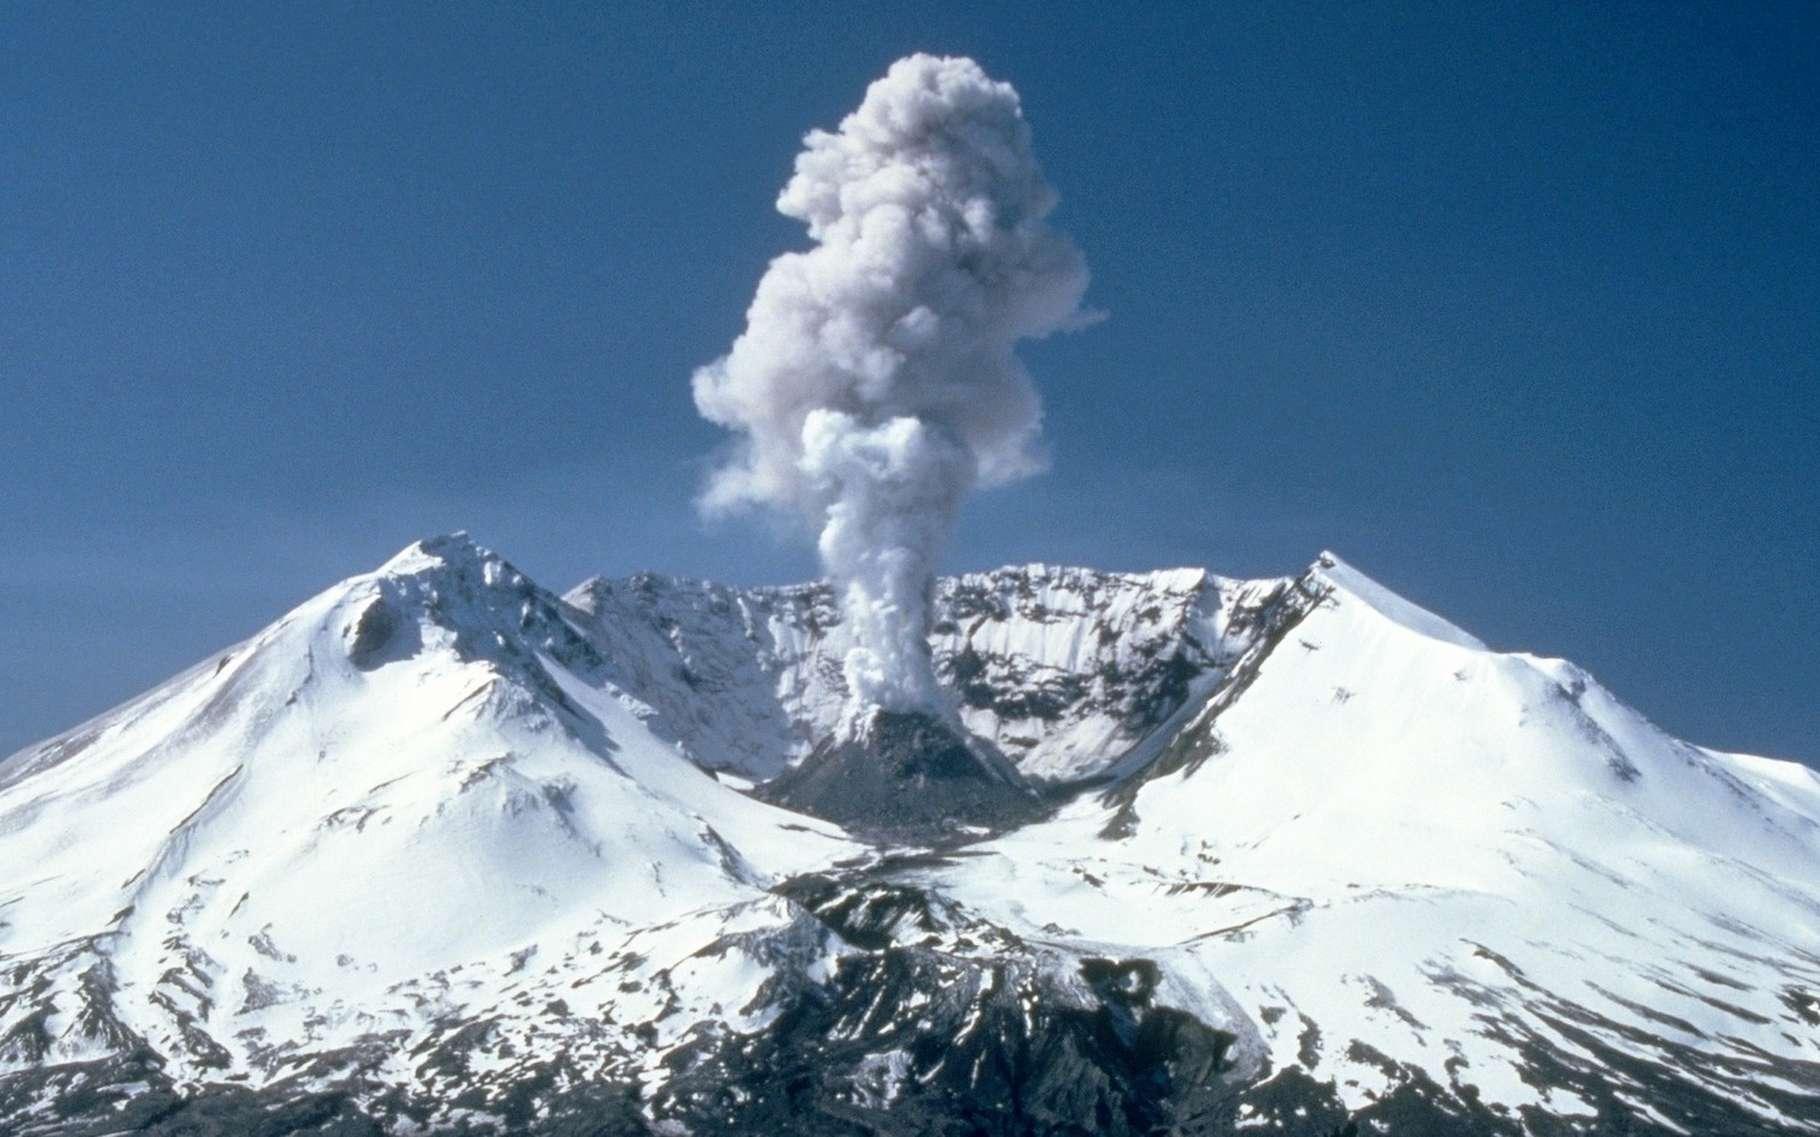 Des chercheurs comptent sur une intelligence artificielle pour prédire les éruptions volcaniques à partir d'images satellites. © WikiImages, Pixabay, CC0 Creative Commons